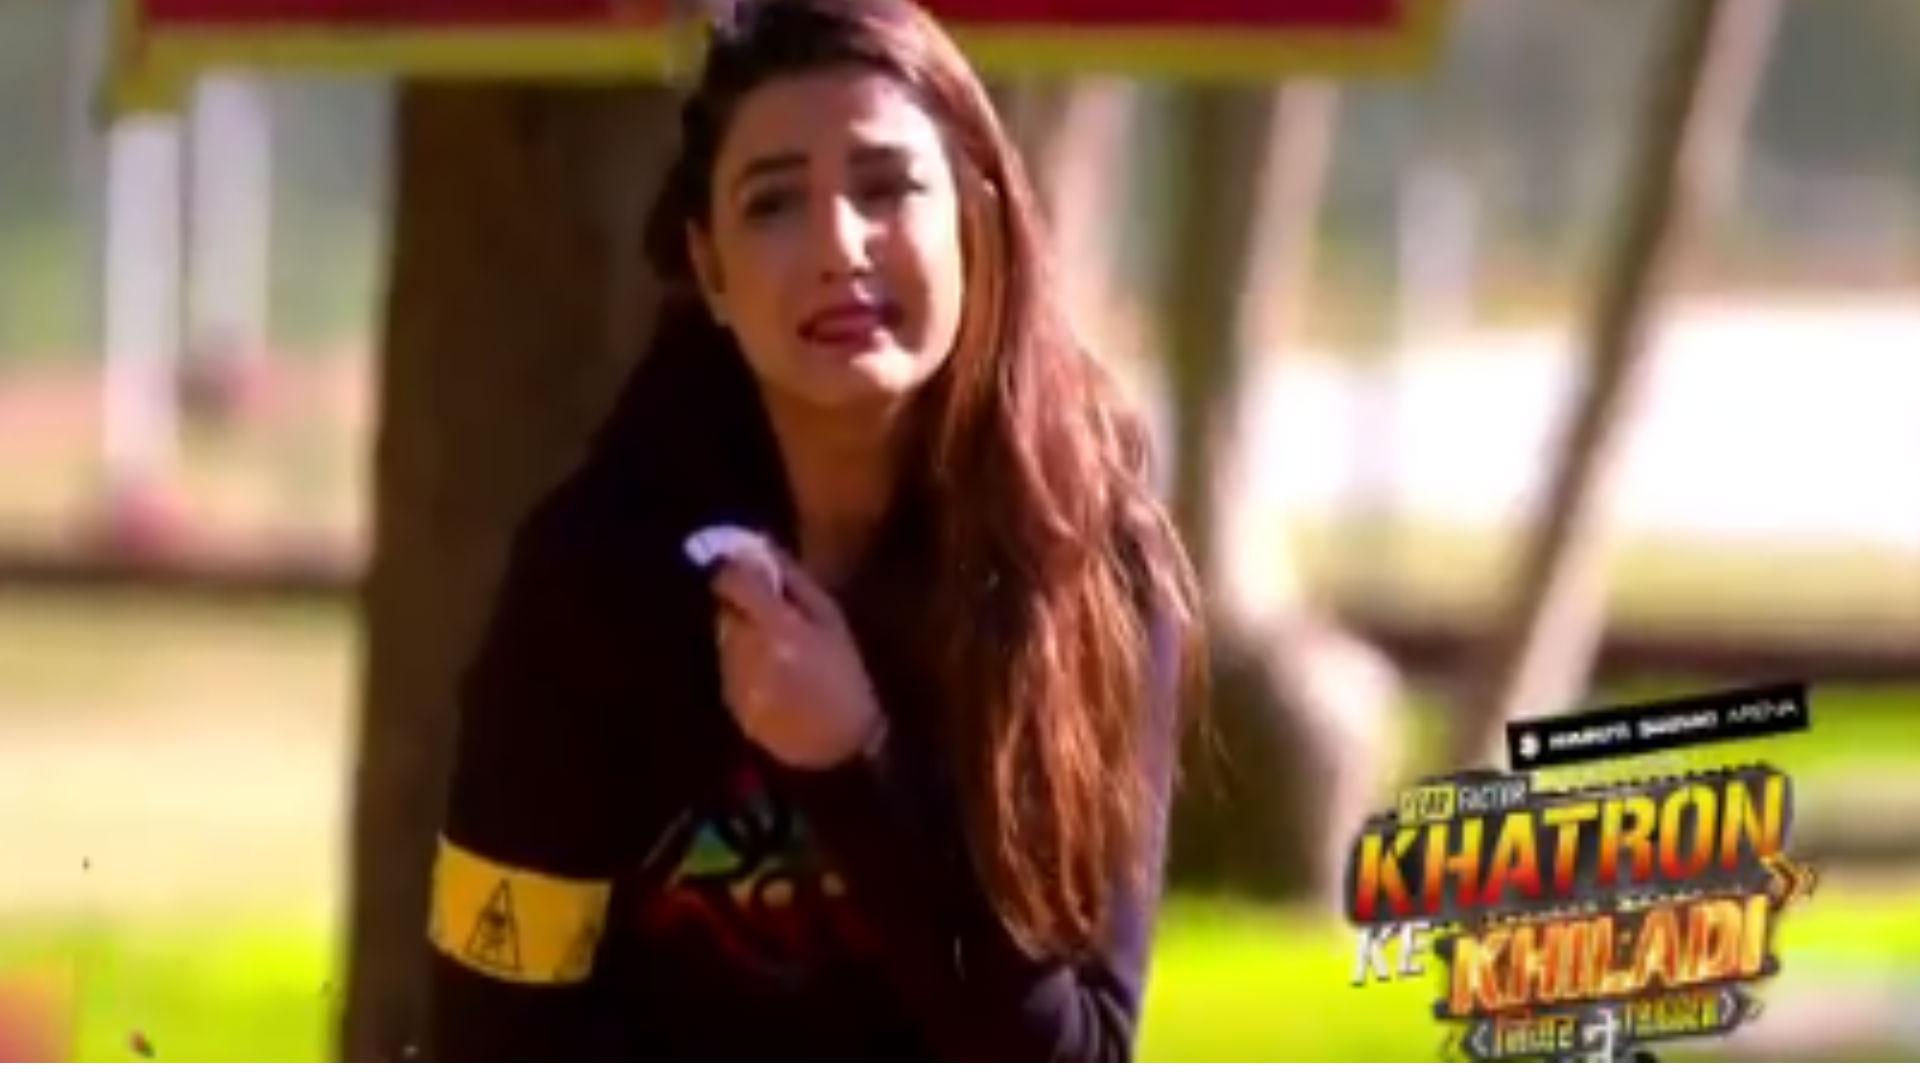 खतरों के खिलाड़ी 9: रोहित शेट्टी के दिए टास्क से जैस्मिन भसीन के निकले आंसू, डरते हुए बोलीं- मैं मर जाऊंगी